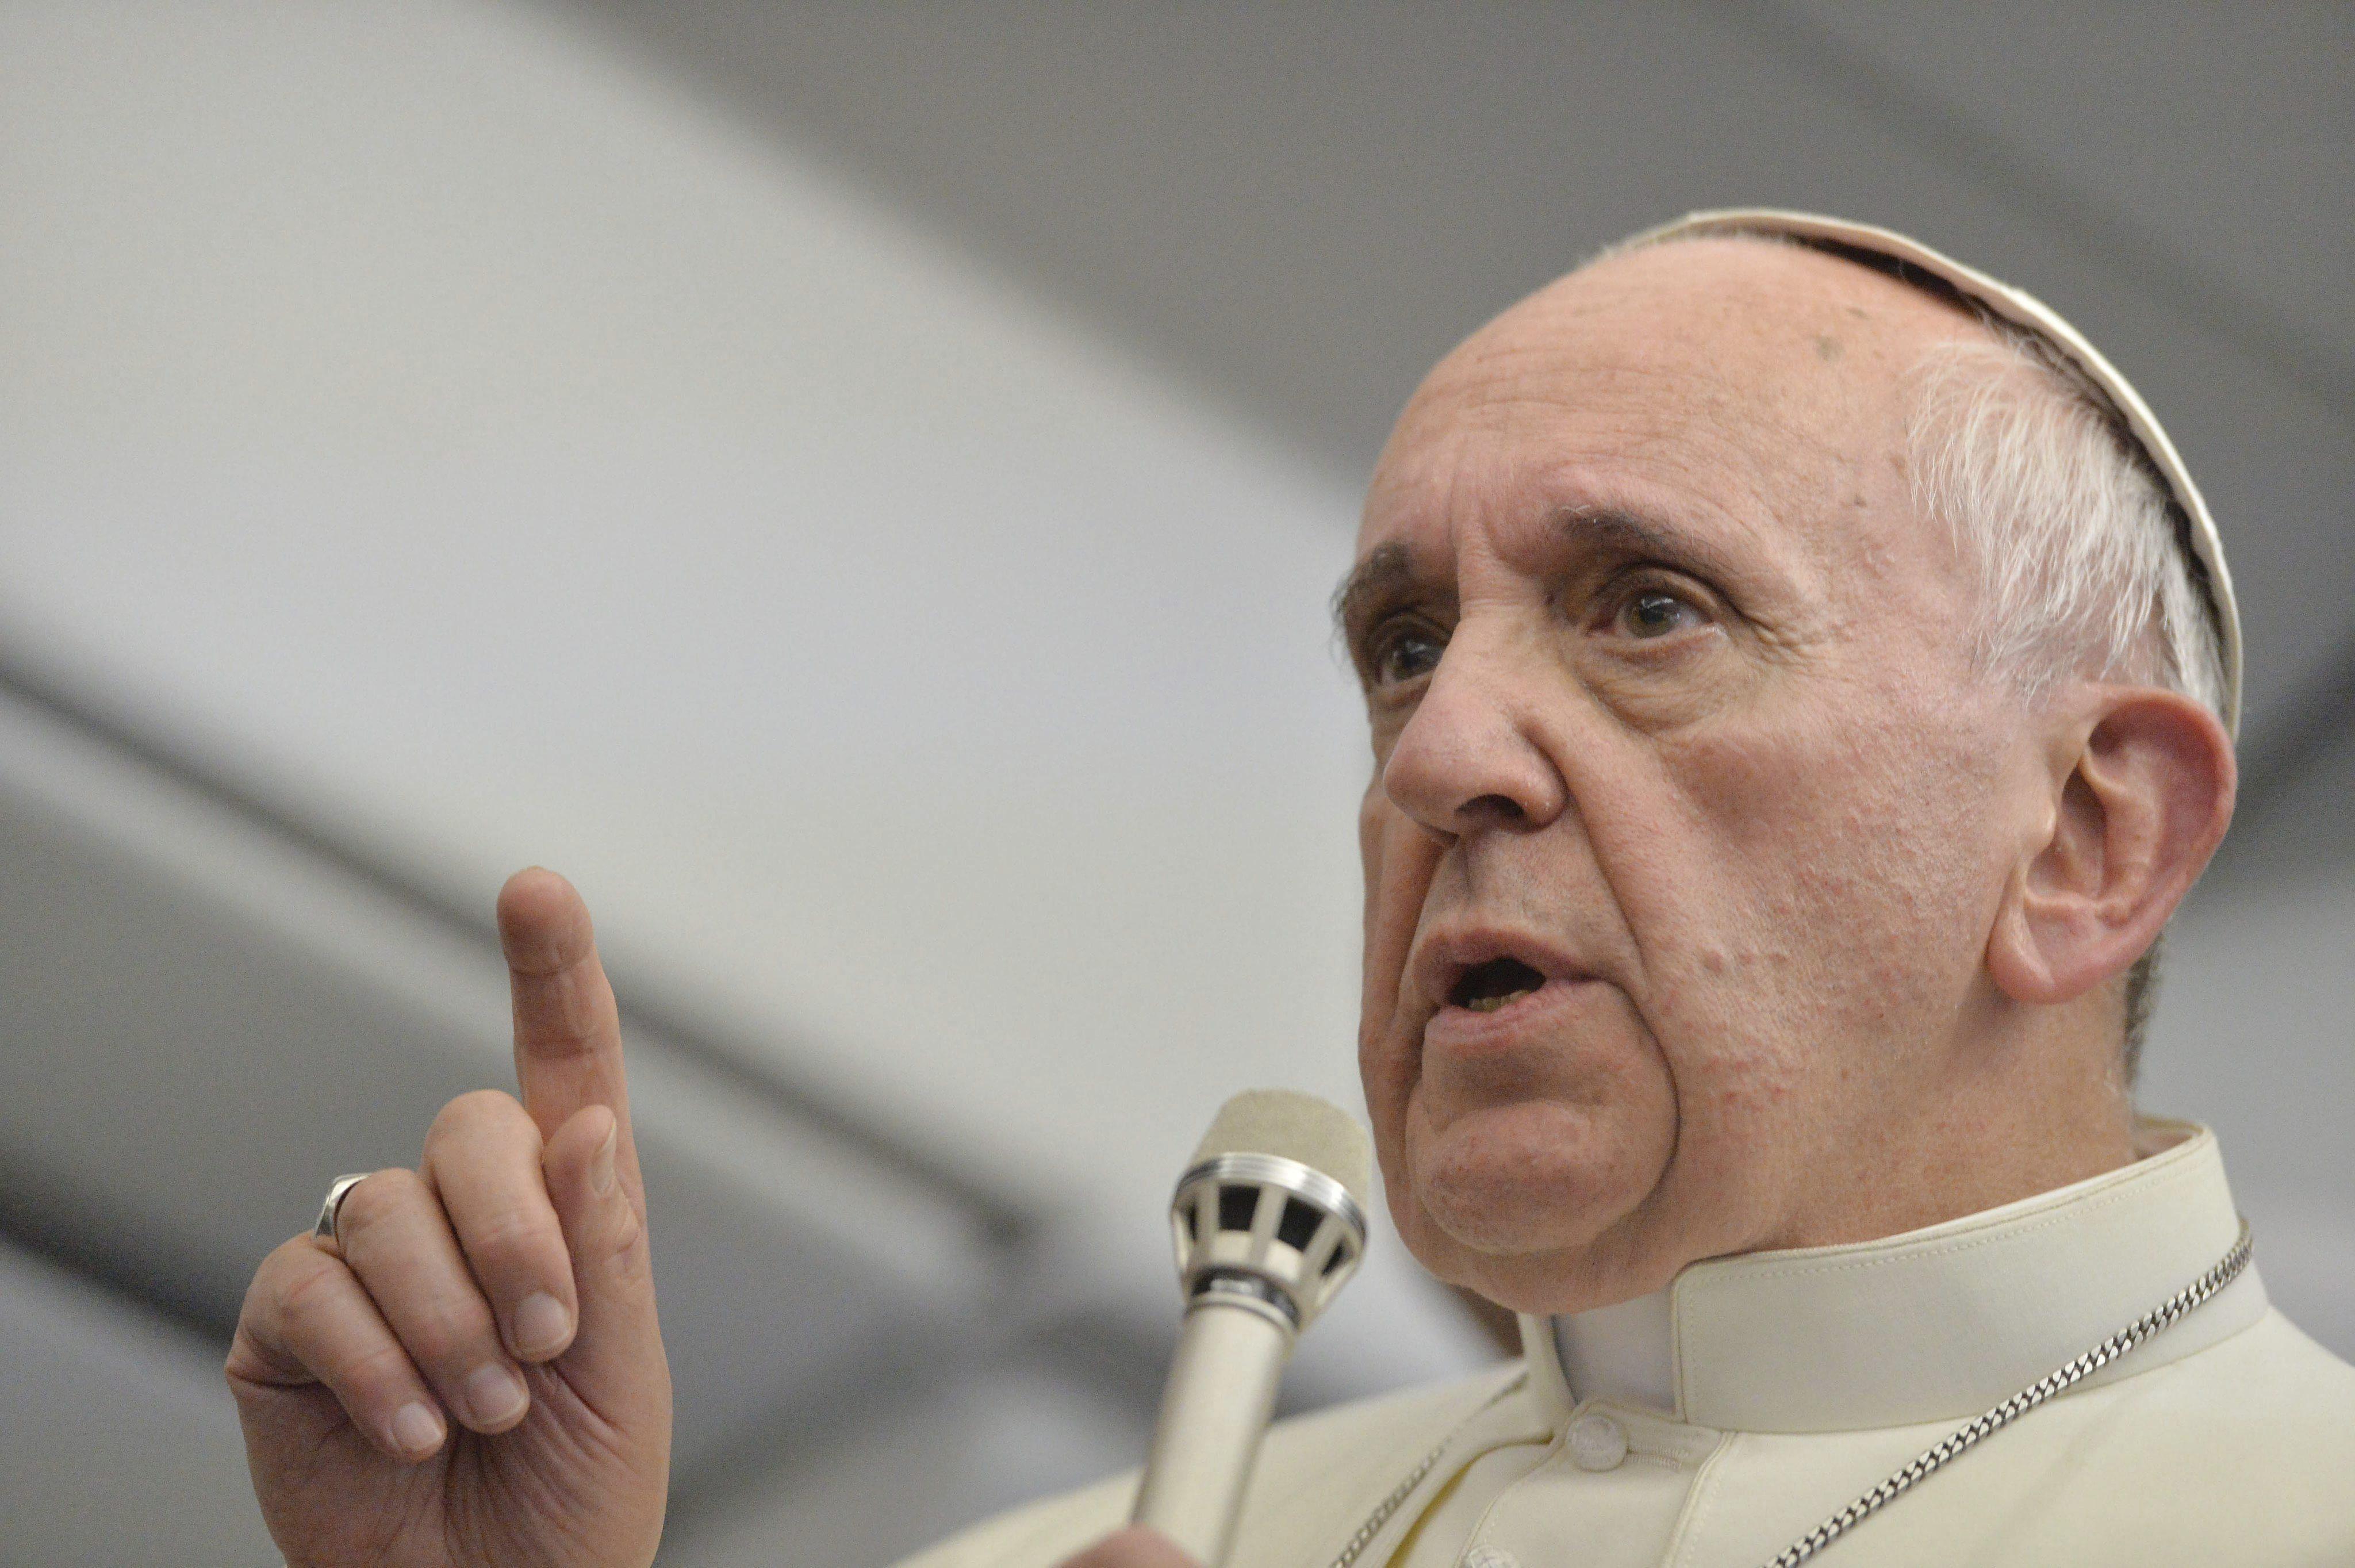 Pedirán al papa apoyo a beatificación de jesuita español asesinado en Bolivia